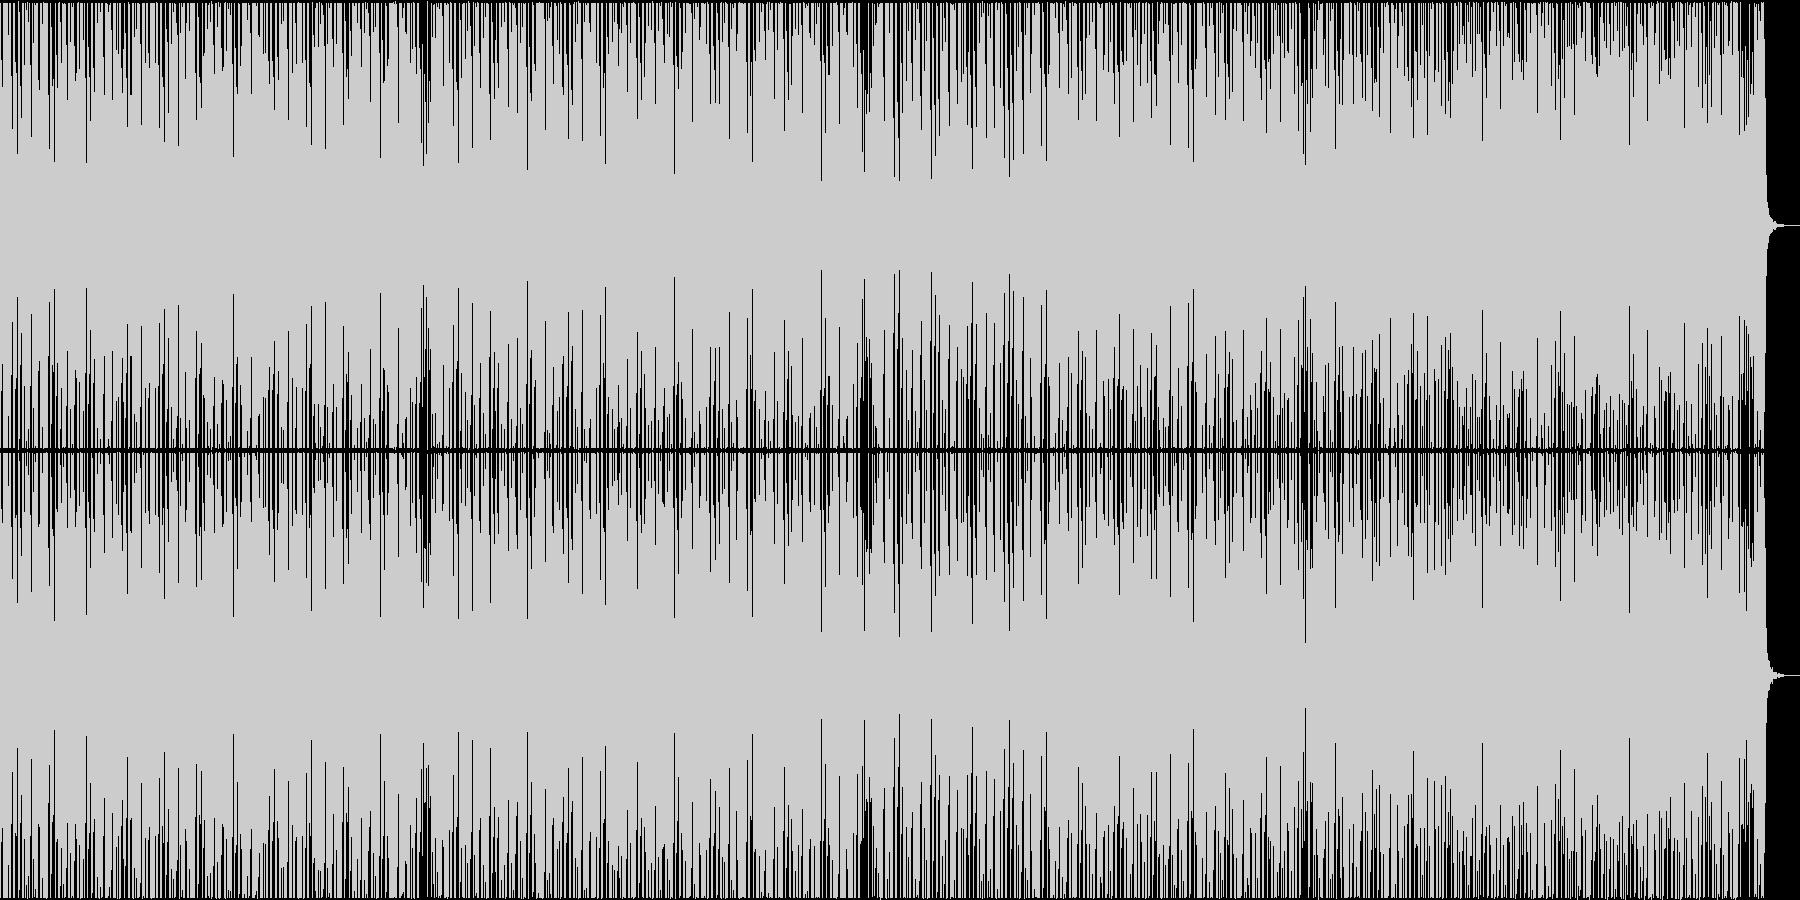 明るく弾むようなミニマルハウスの未再生の波形